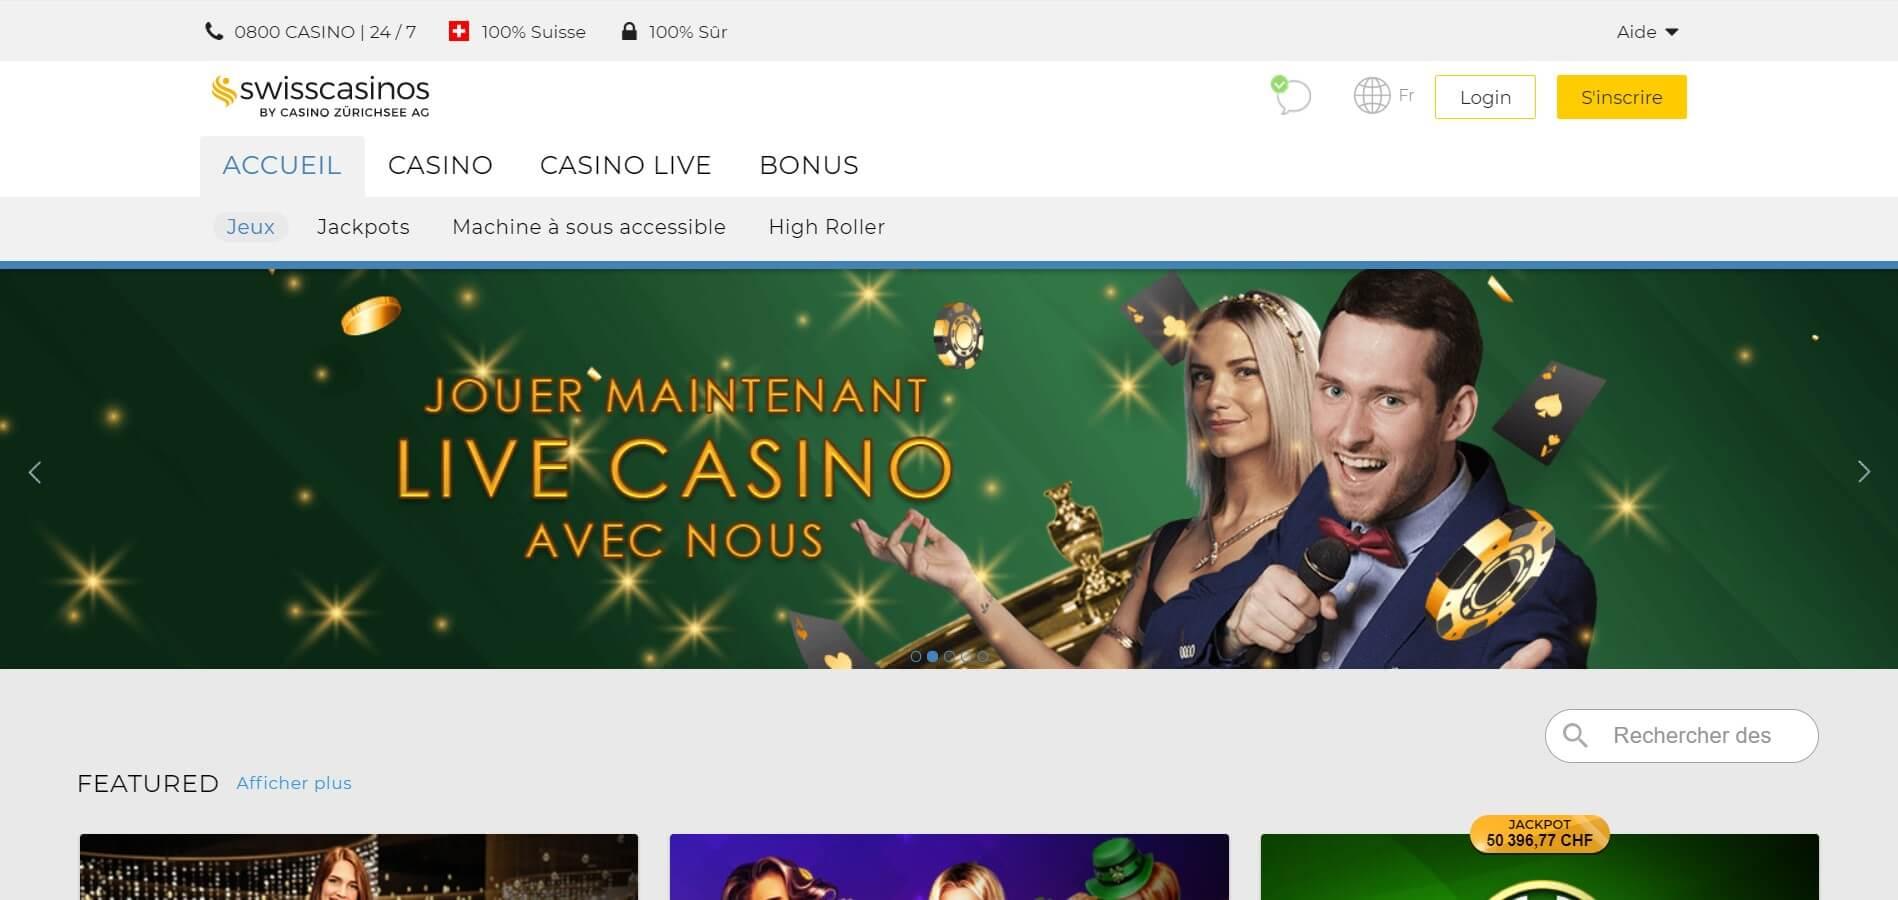 Avis détaillé sur SwissCasinos : offre, bonus, appli